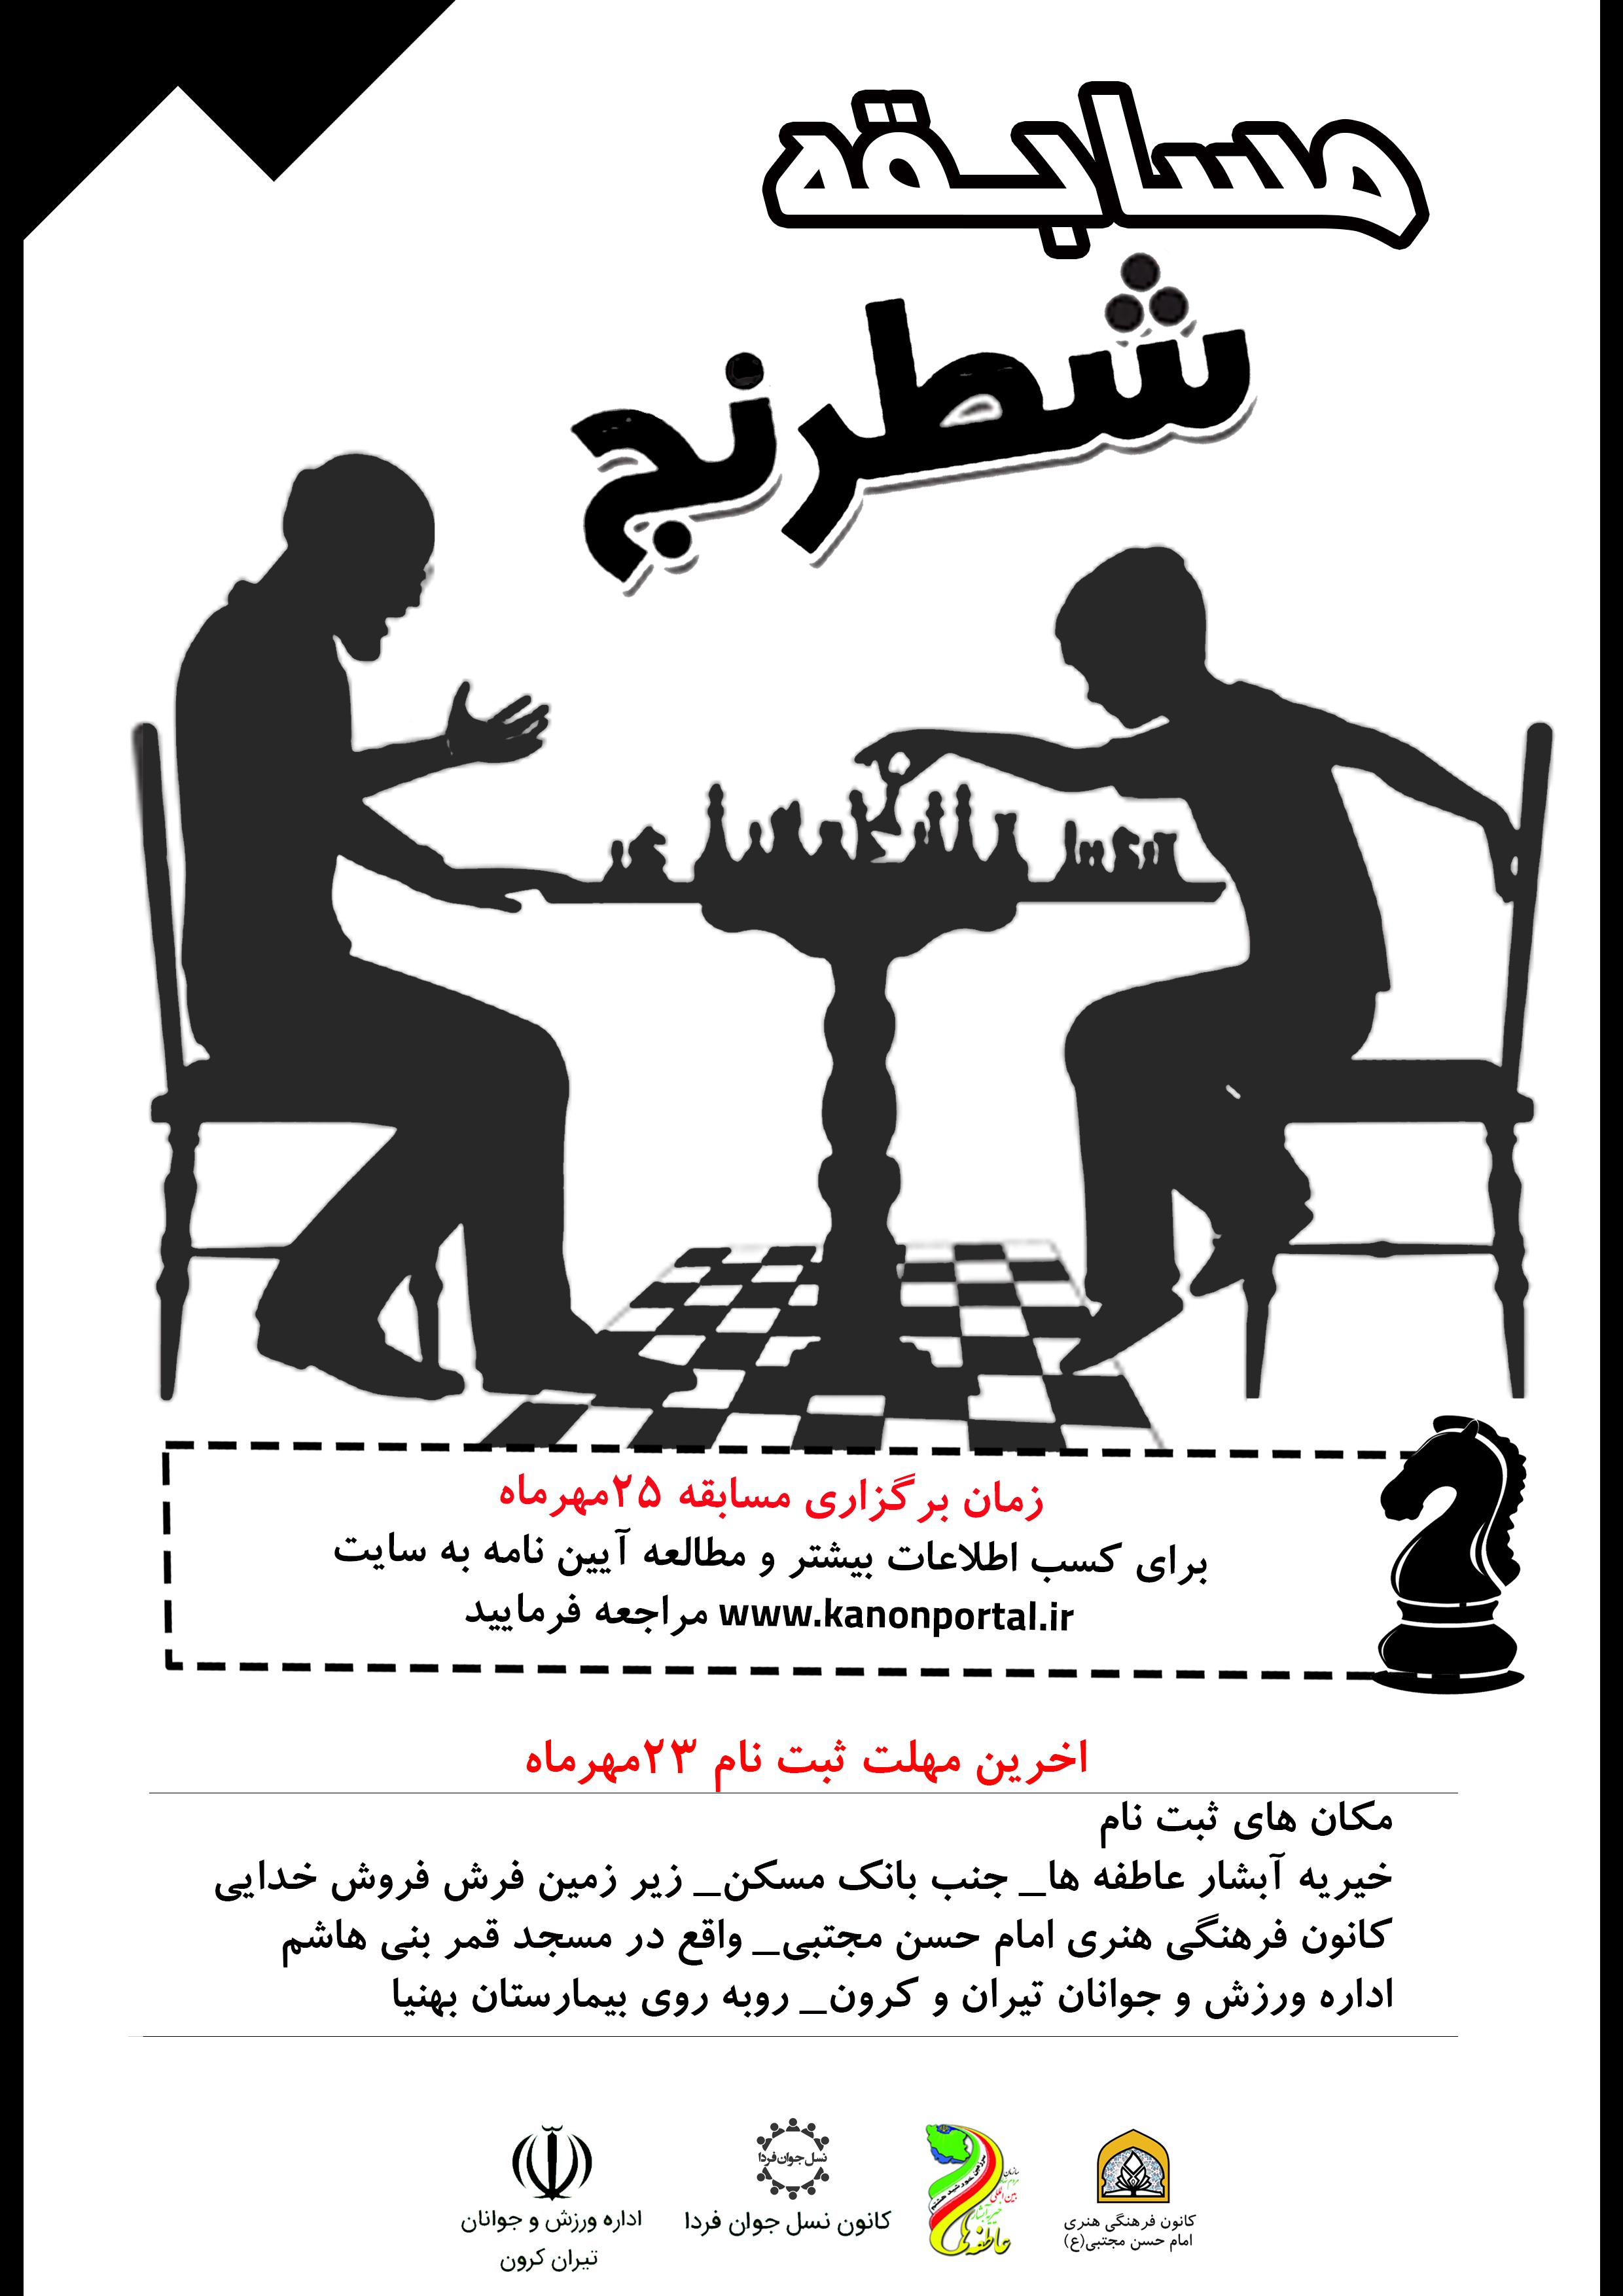 آیین نامه مسابقه شطرنج